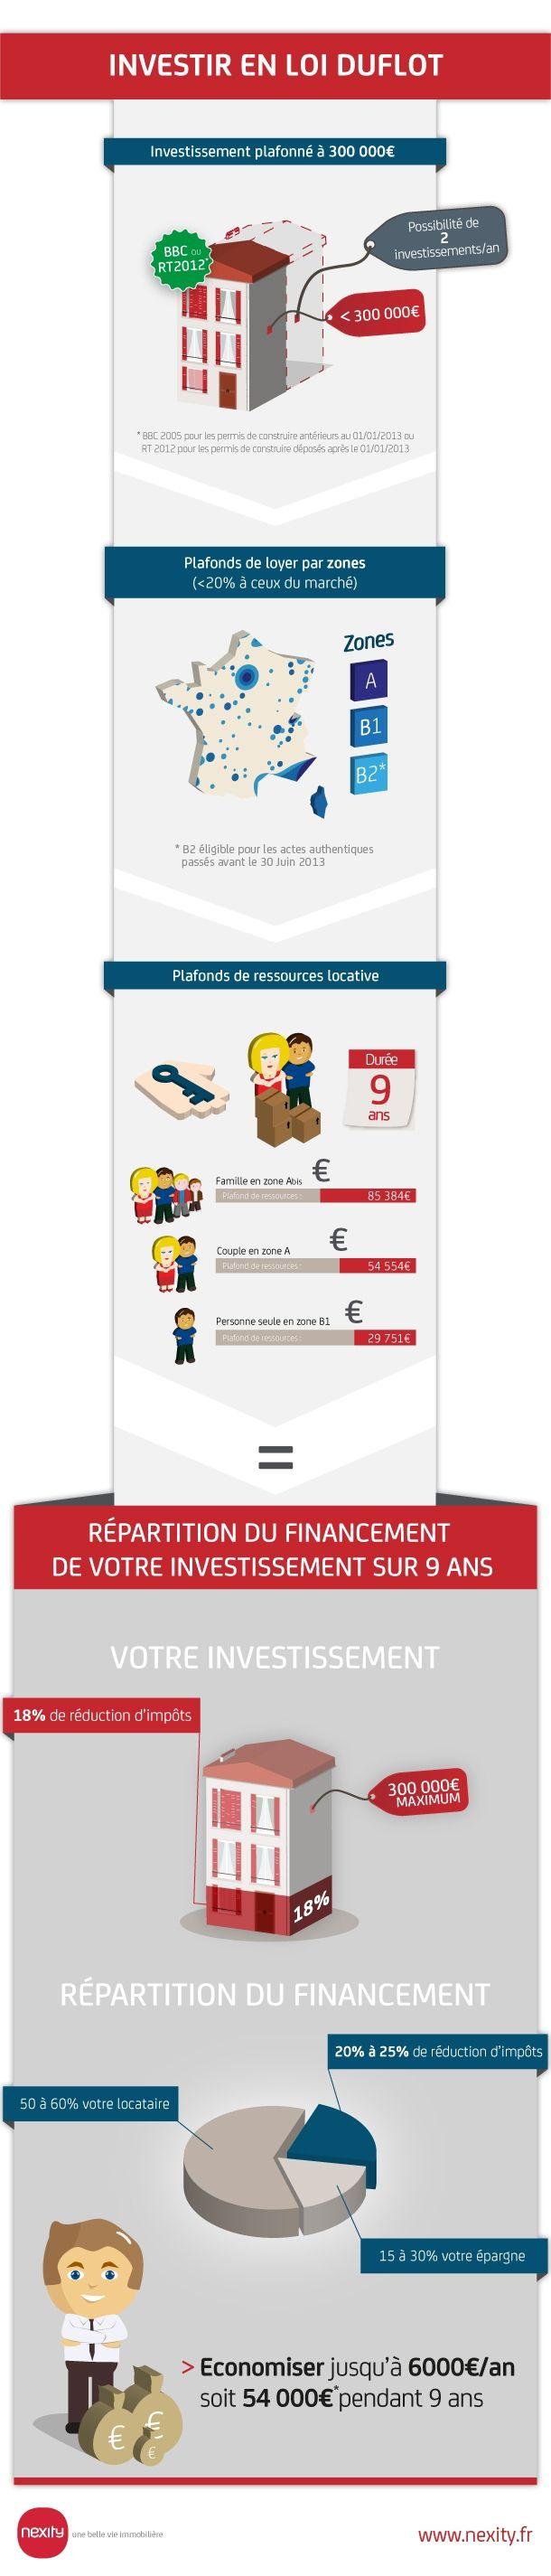 investissement #immobilier #neuf   La loi Duflot, dispositif de défiscalisation entrée en vigueur au 1er janvier 2013. source Nexity